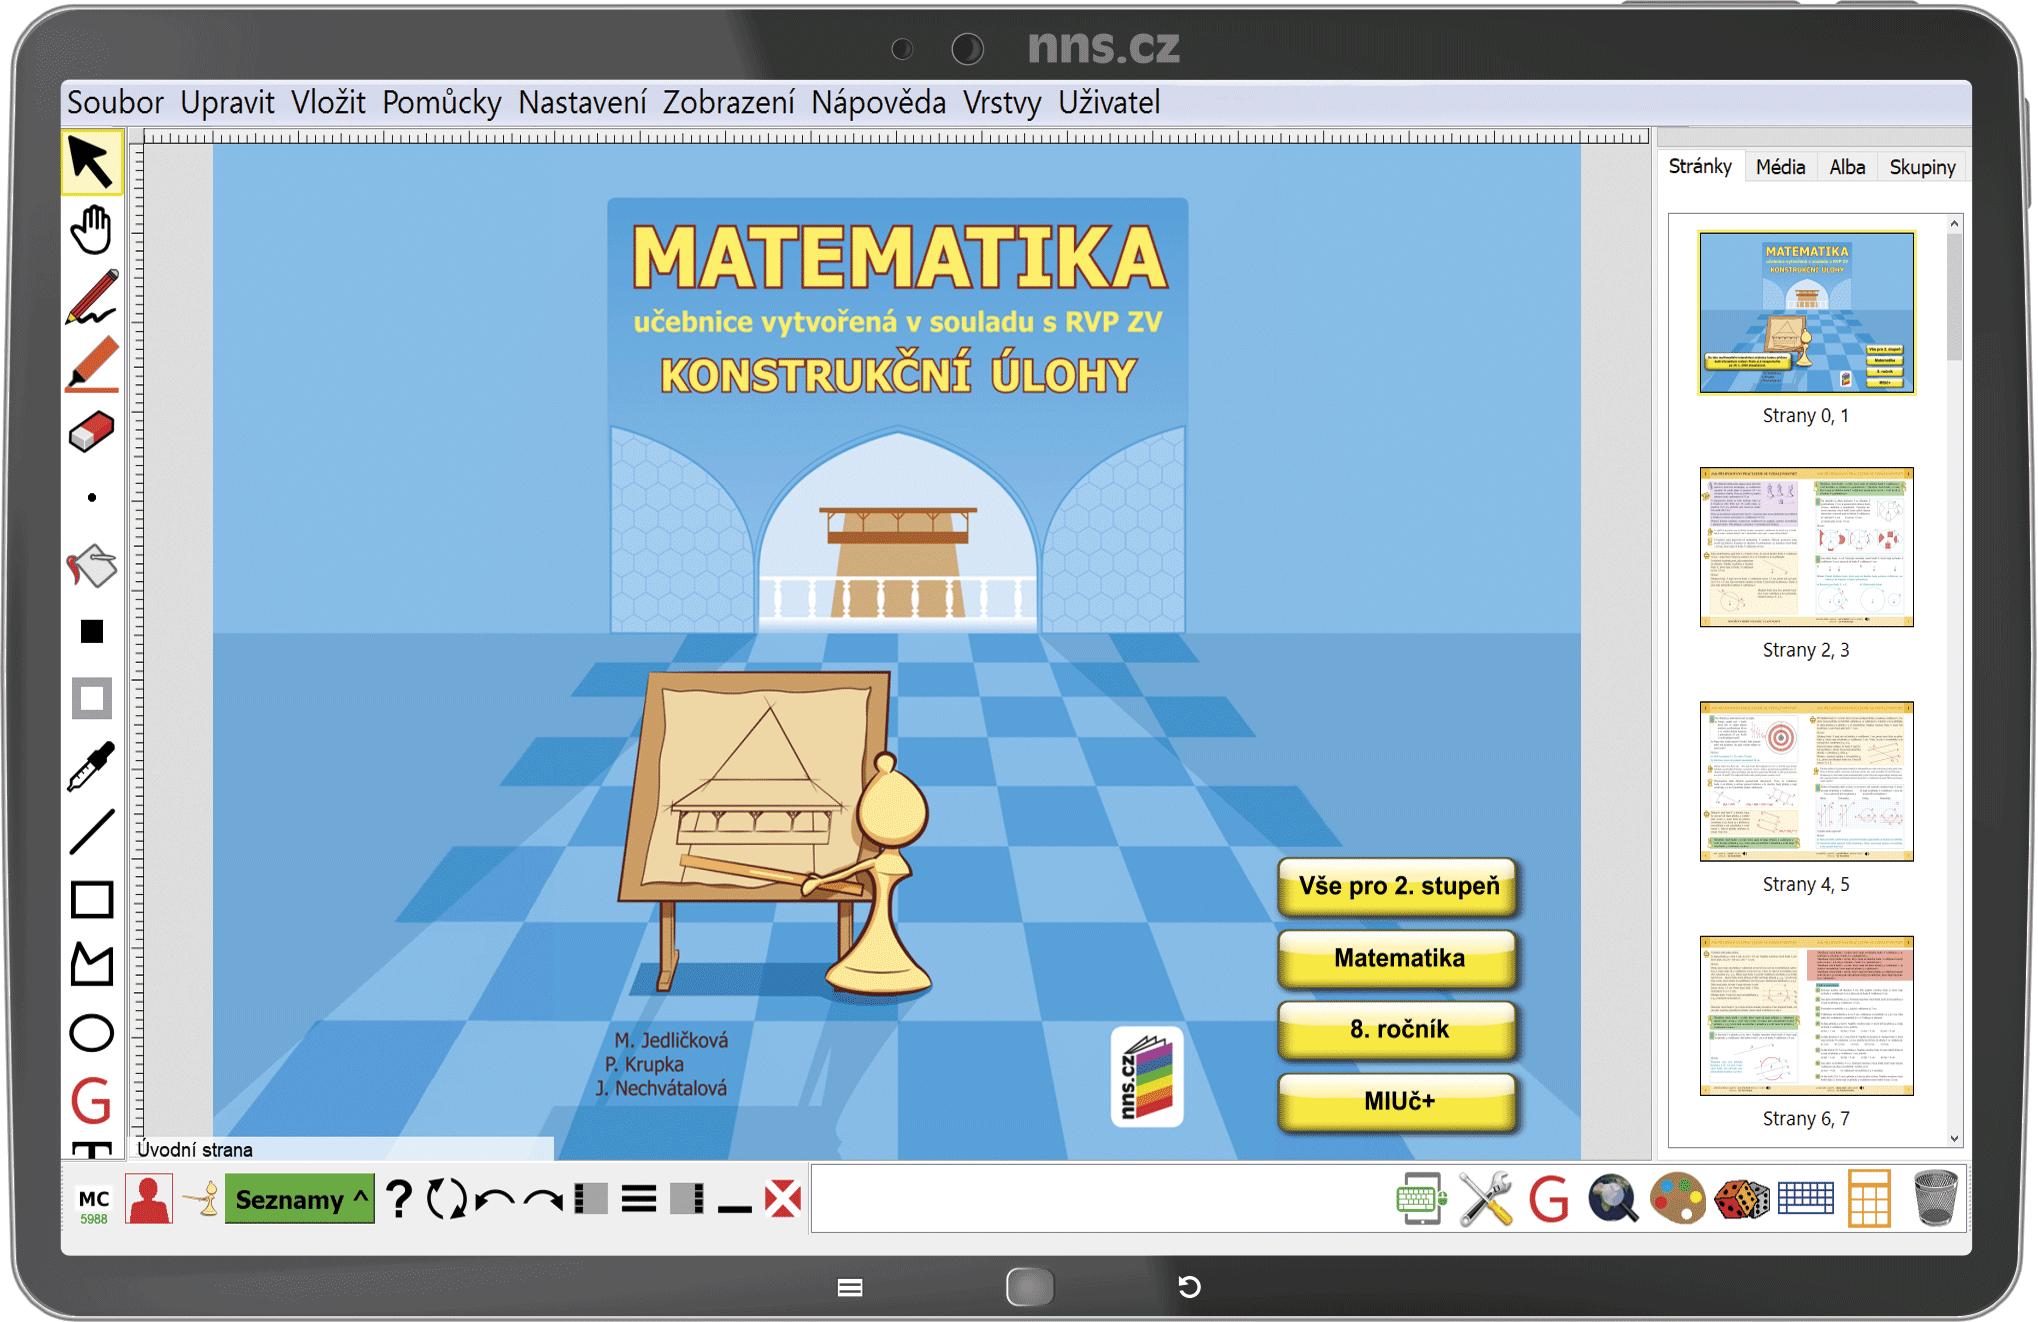 MIUč+ Matematika - Konstrukční úlohy – školní licence pro 1 učitele na 1 školní rok